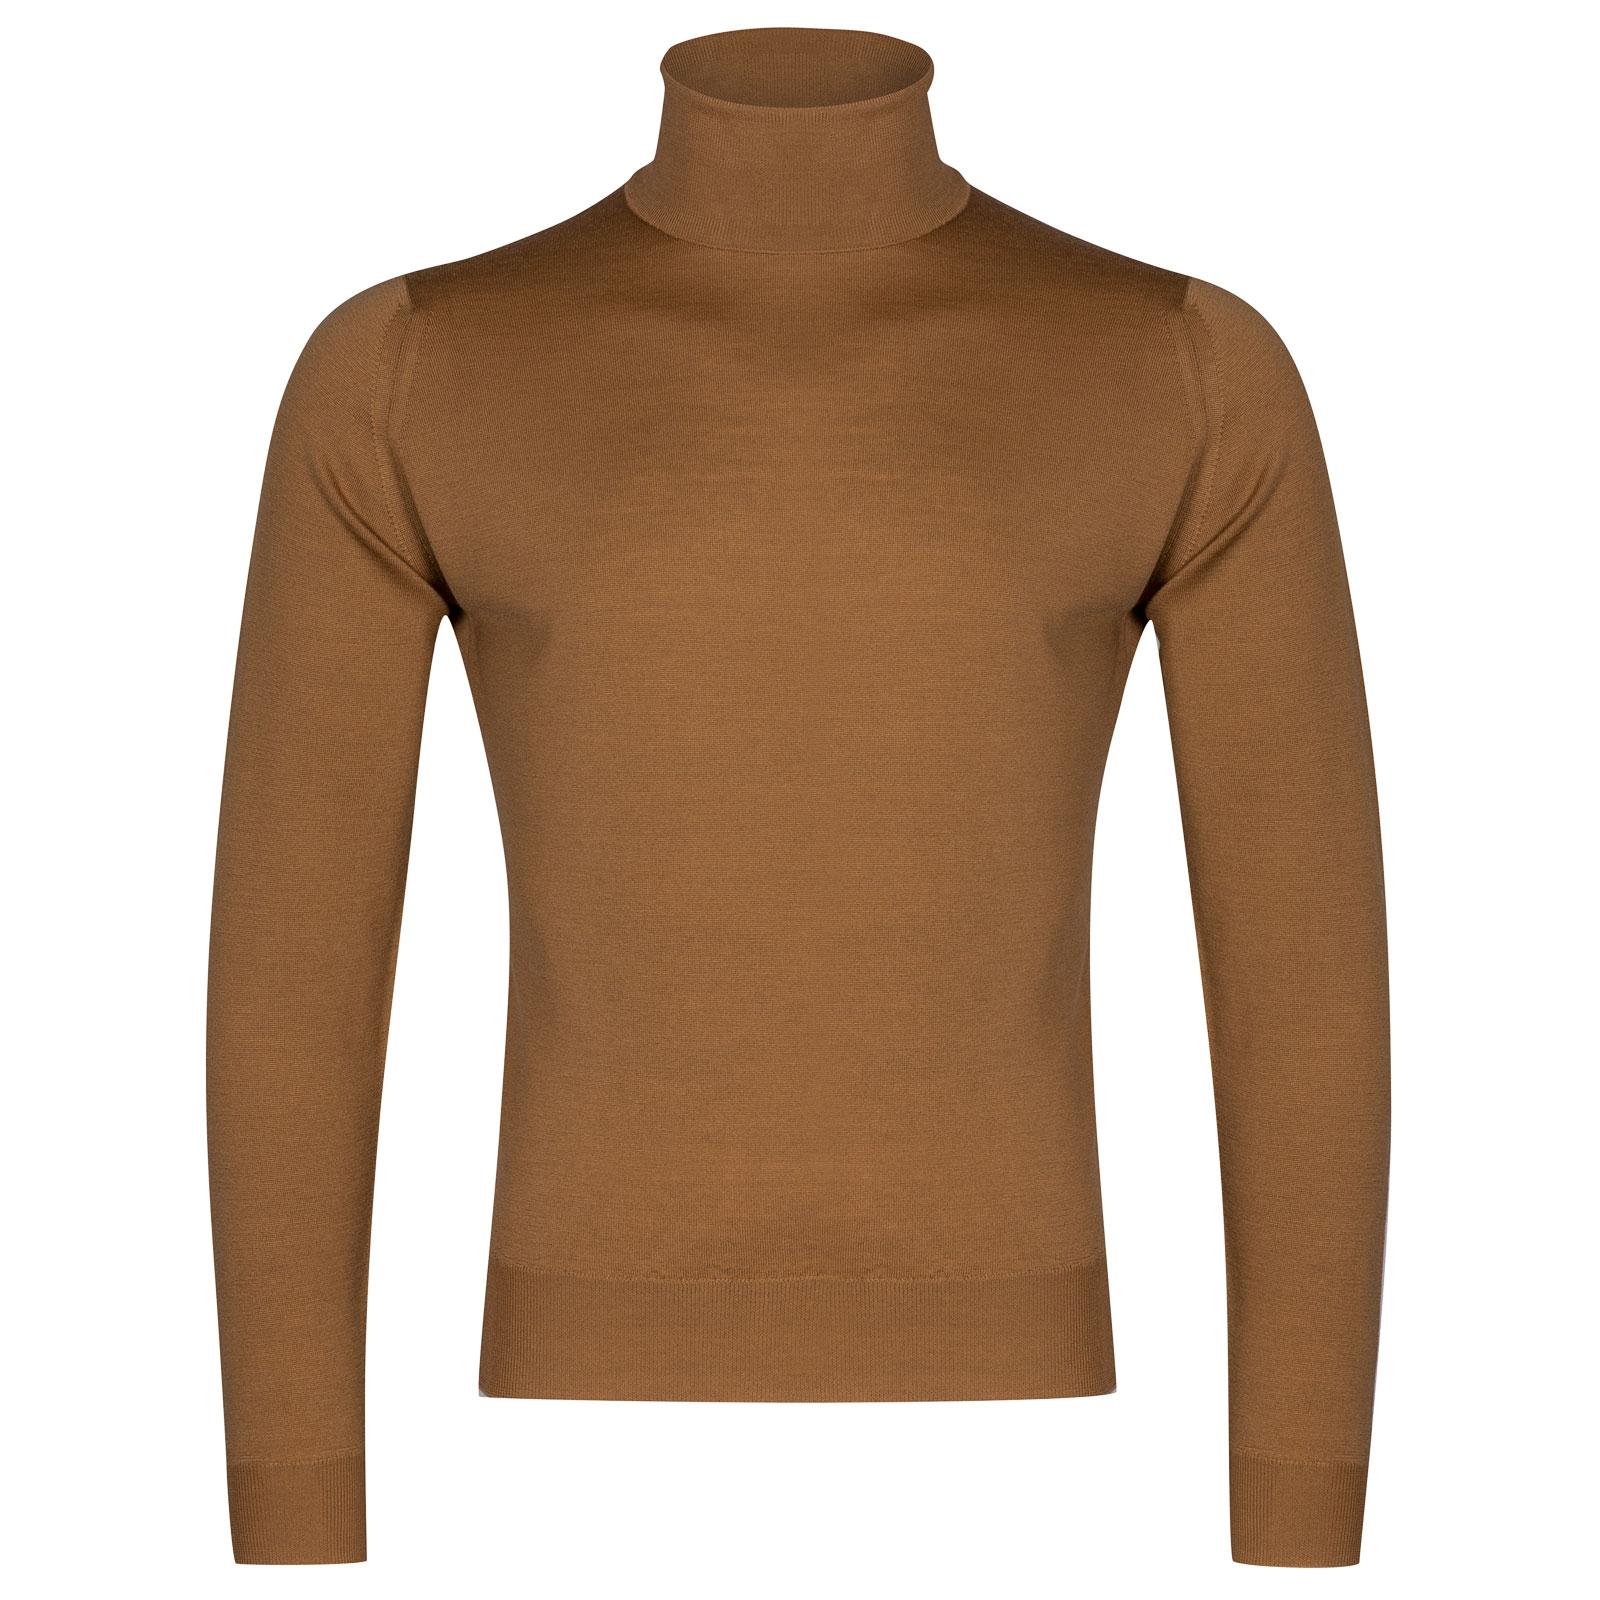 John Smedley Orta Merino Wool Pullover in Camel-L